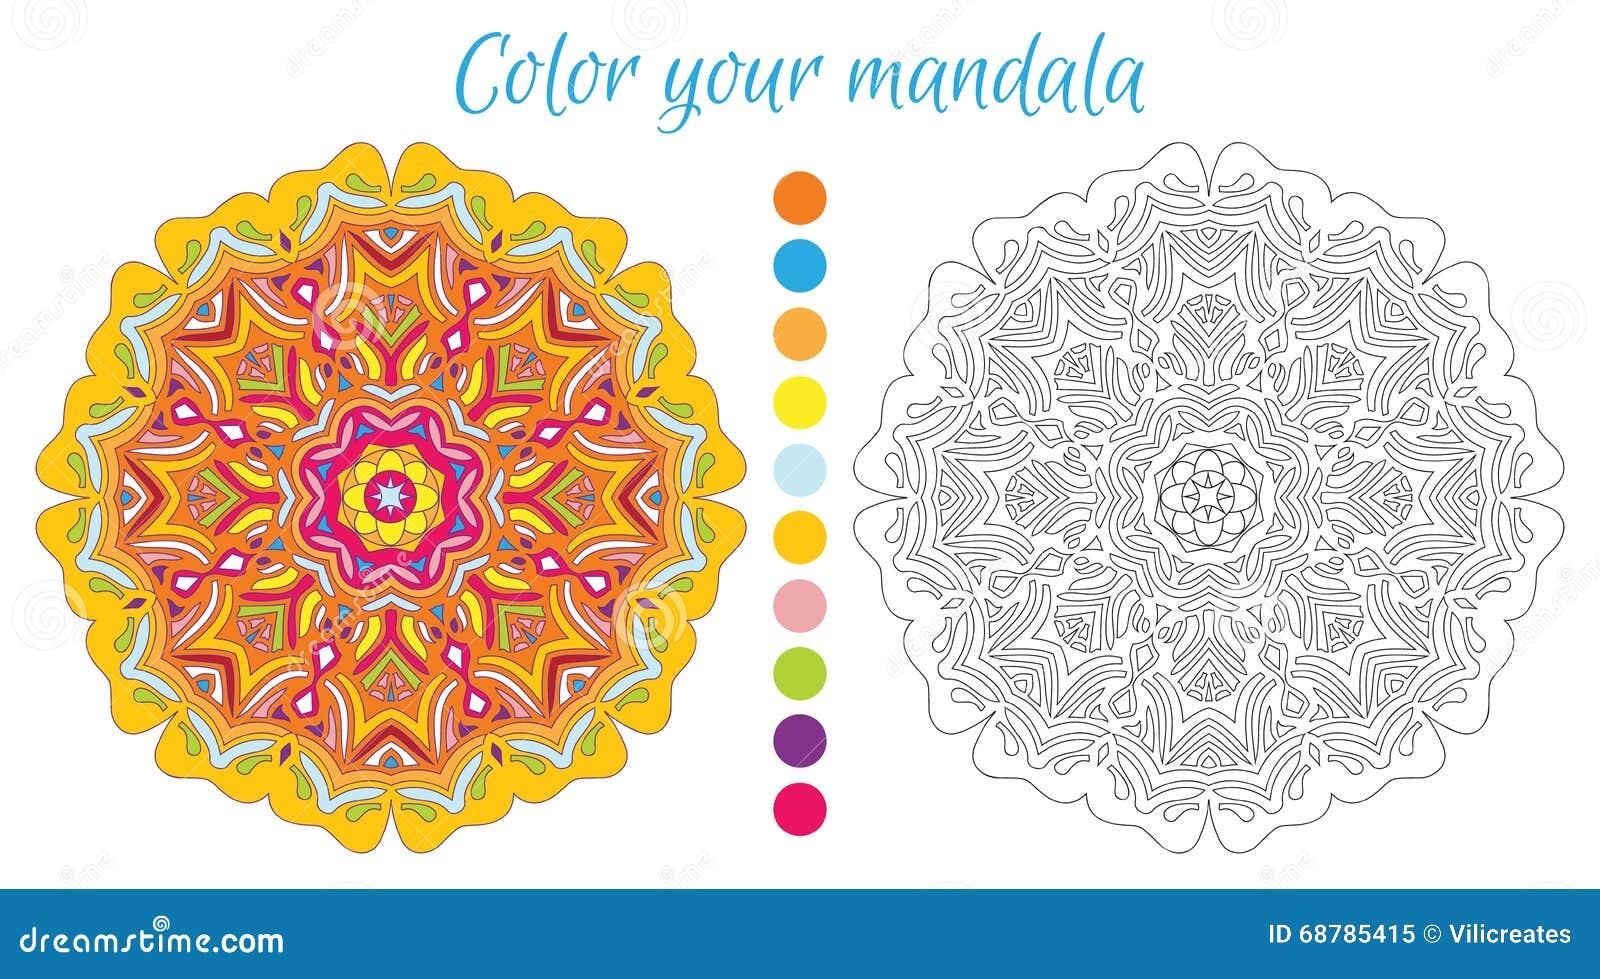 Conception Ronde De Mandala Pour Livre De Coloriage Adulte